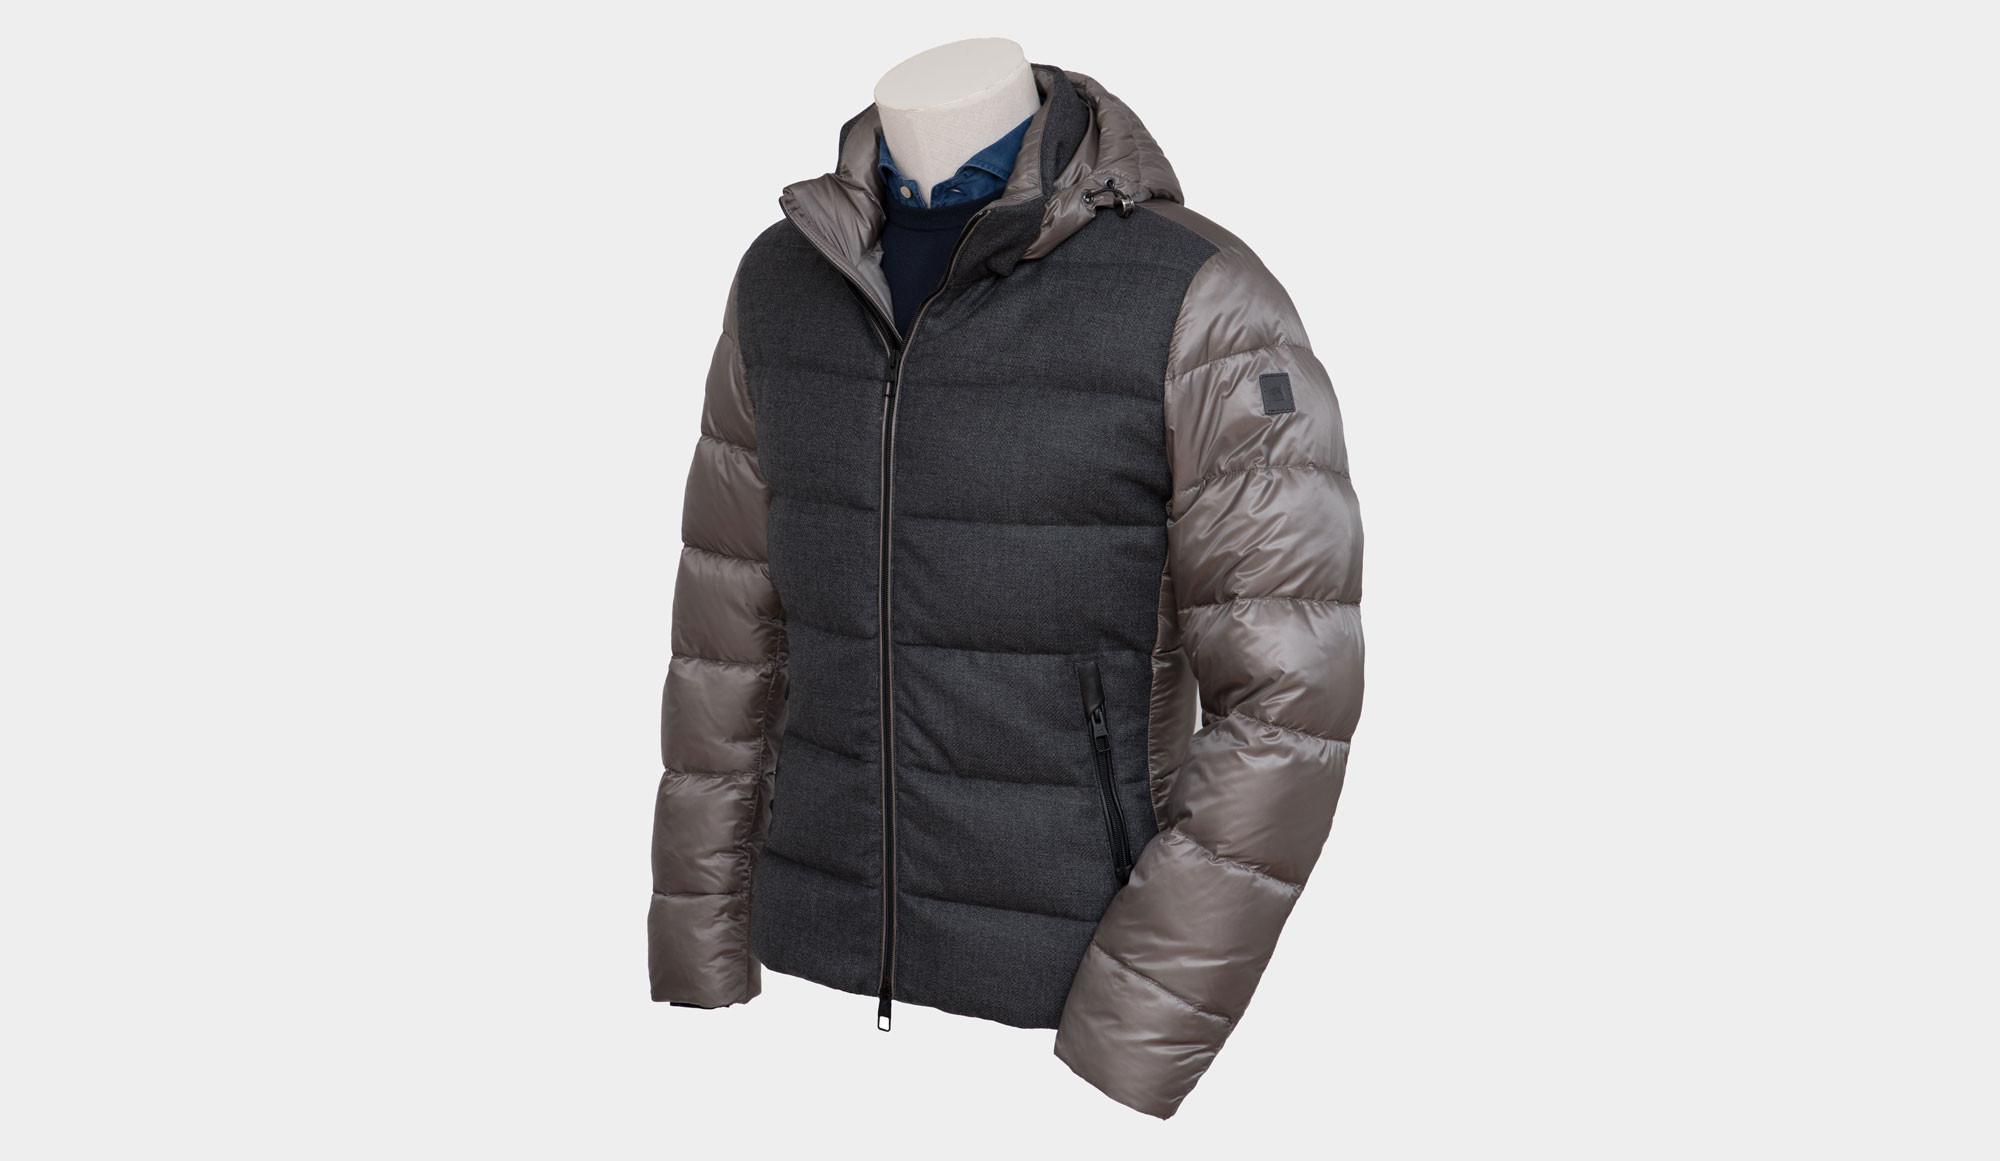 promo code 2e16f 547f9 Montecore Jacket Taupe - Cipriani